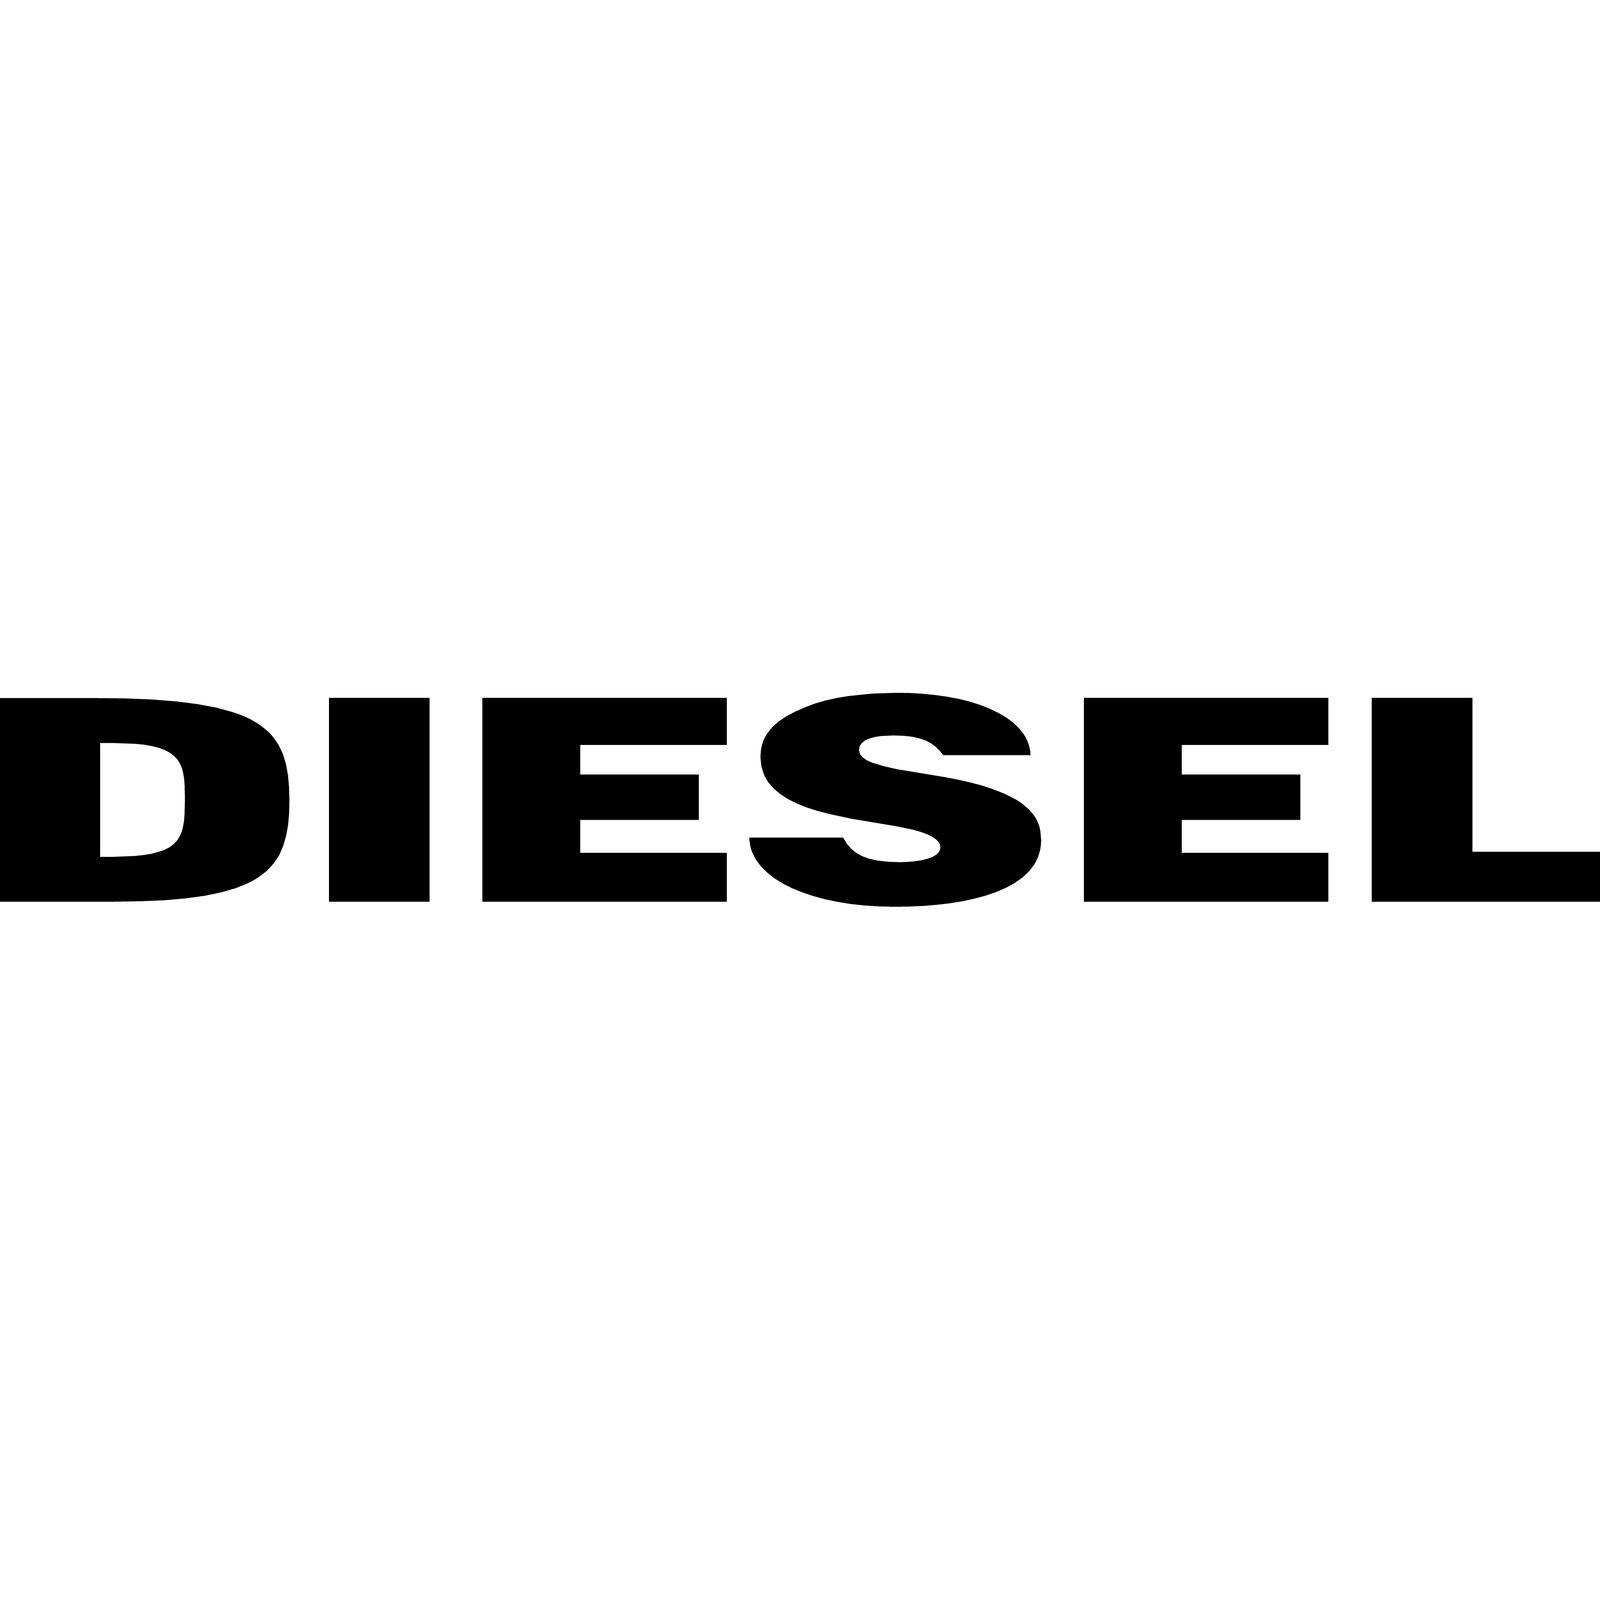 DIESEL (Bild 1)